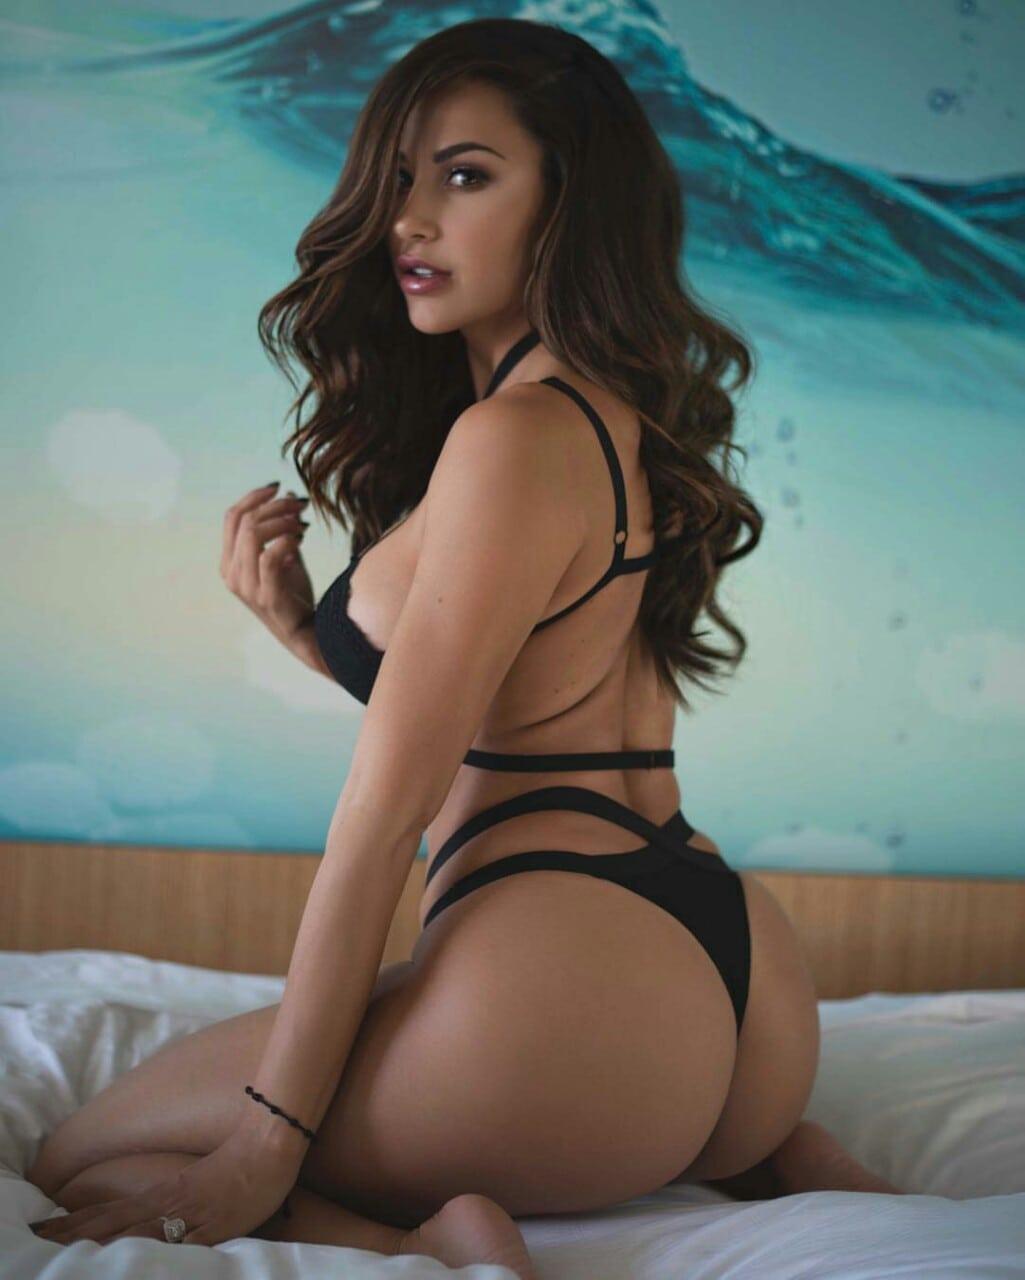 Free latina lesbian photos